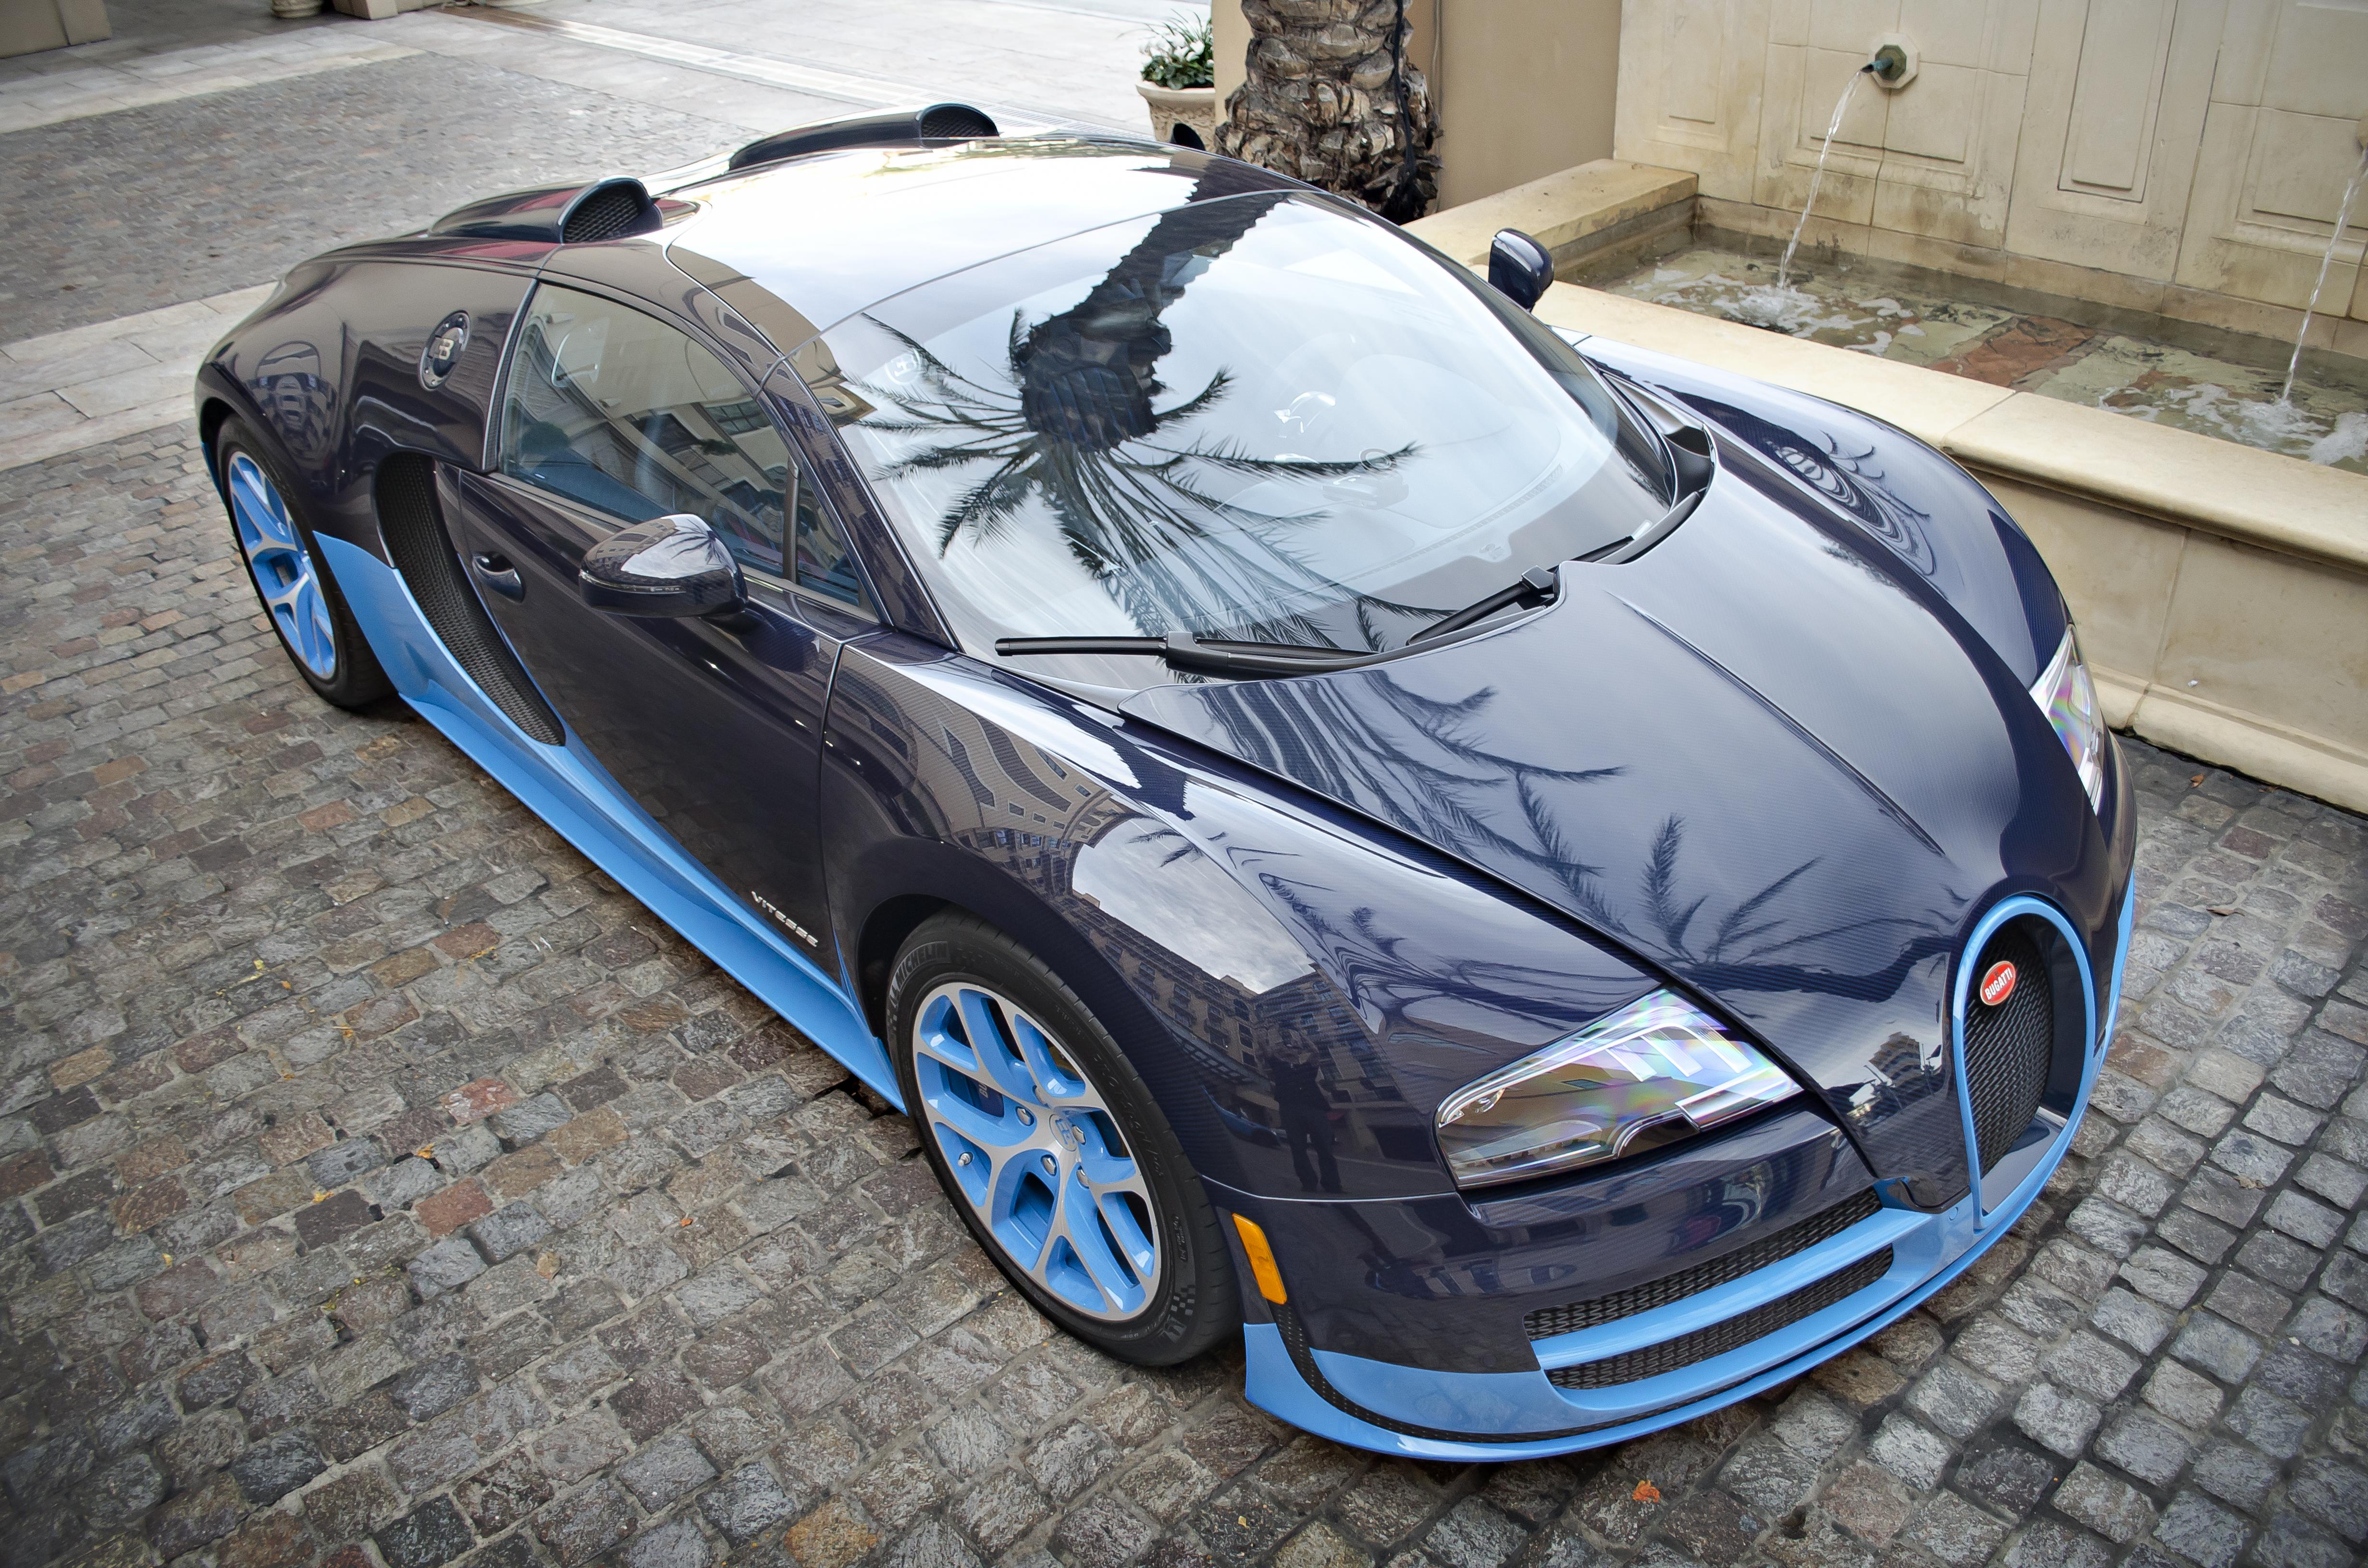 file blue bugatti veyron grand sport vitesse aka bleugatti #1: blue bugatti veyron grand sport vitesse aka bleugatti 29